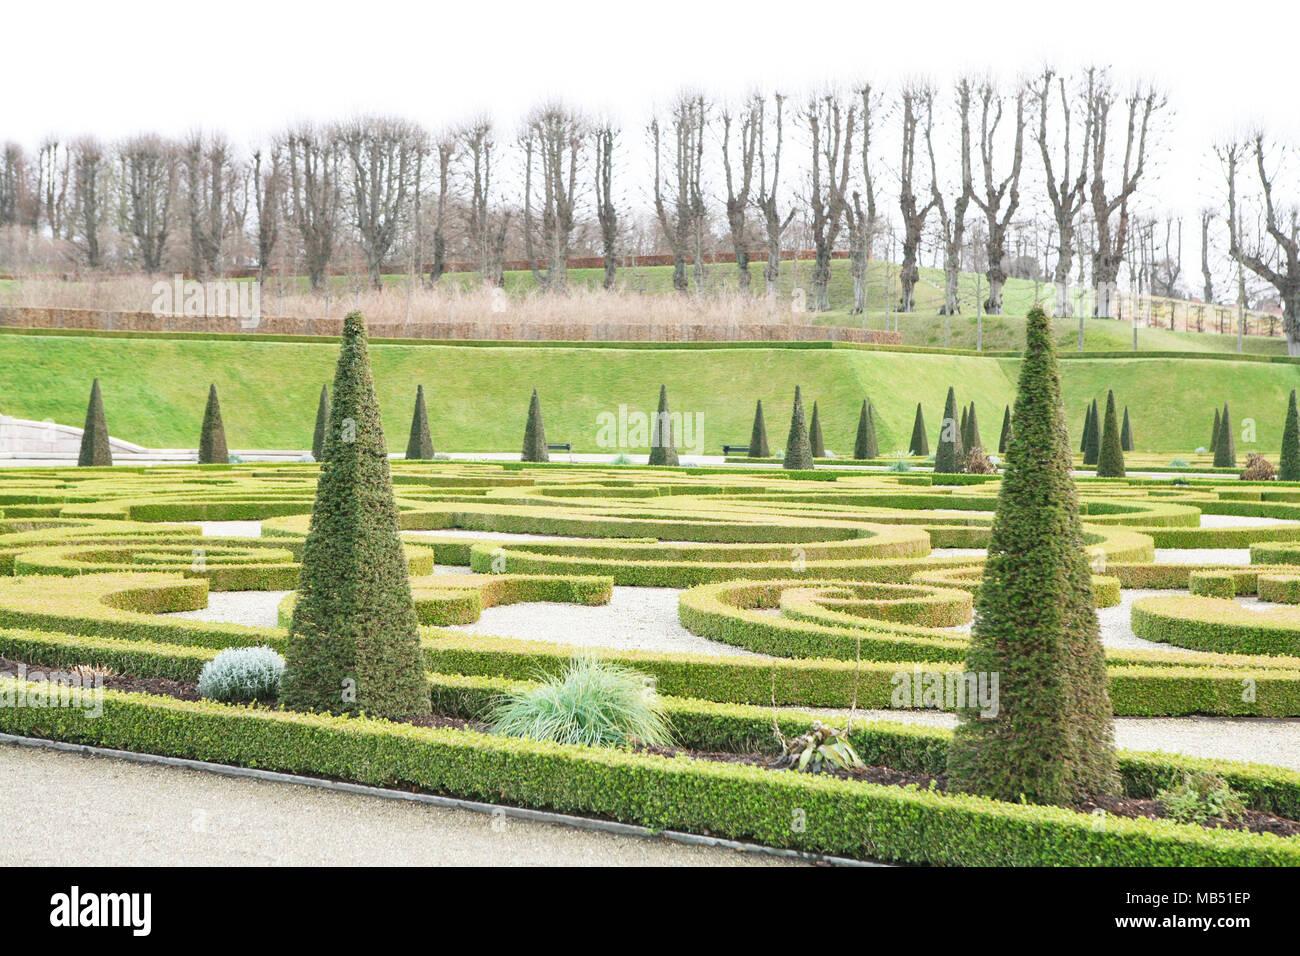 Formal garden at Hillerod castle, Denmark - Stock Image